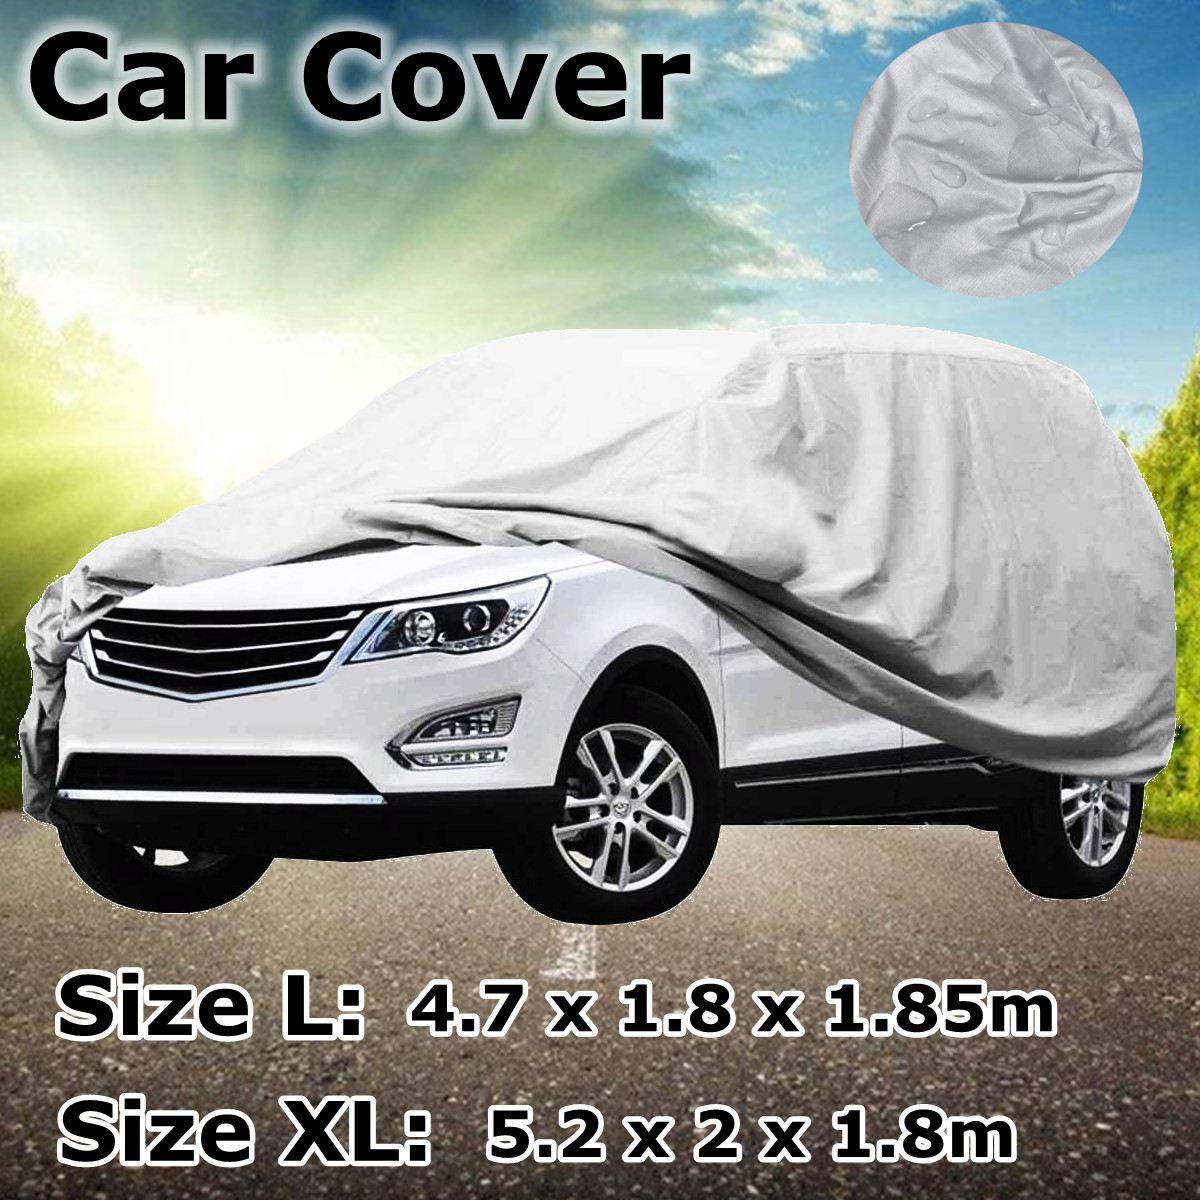 Cubierta de coche L/XL tamaño SUV cubiertas para coche entero nieve hielo sol lluvia protección resistente al agua a prueba de polvo interior al aire libre